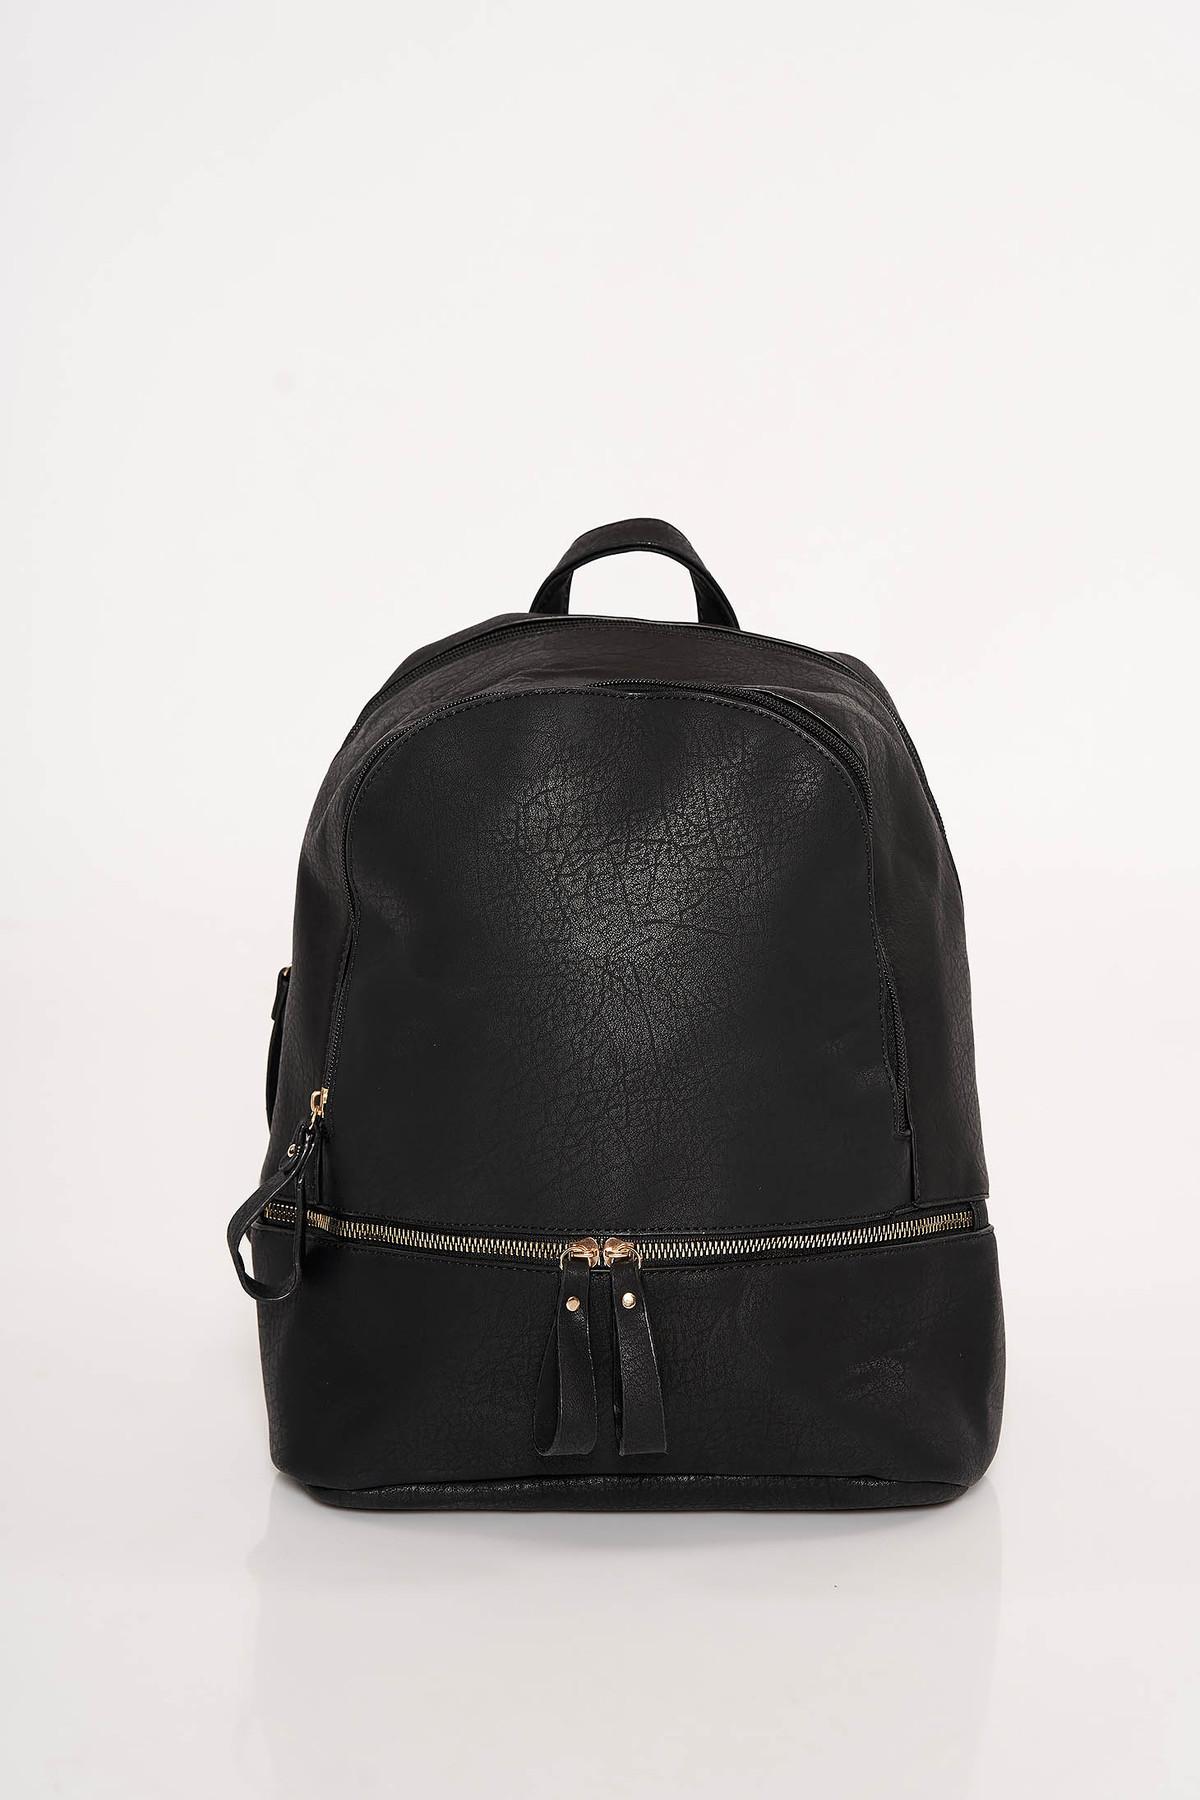 Rucsac negru casual din piele ecologica cu bretele ajustabile accesorizat cu fermoar